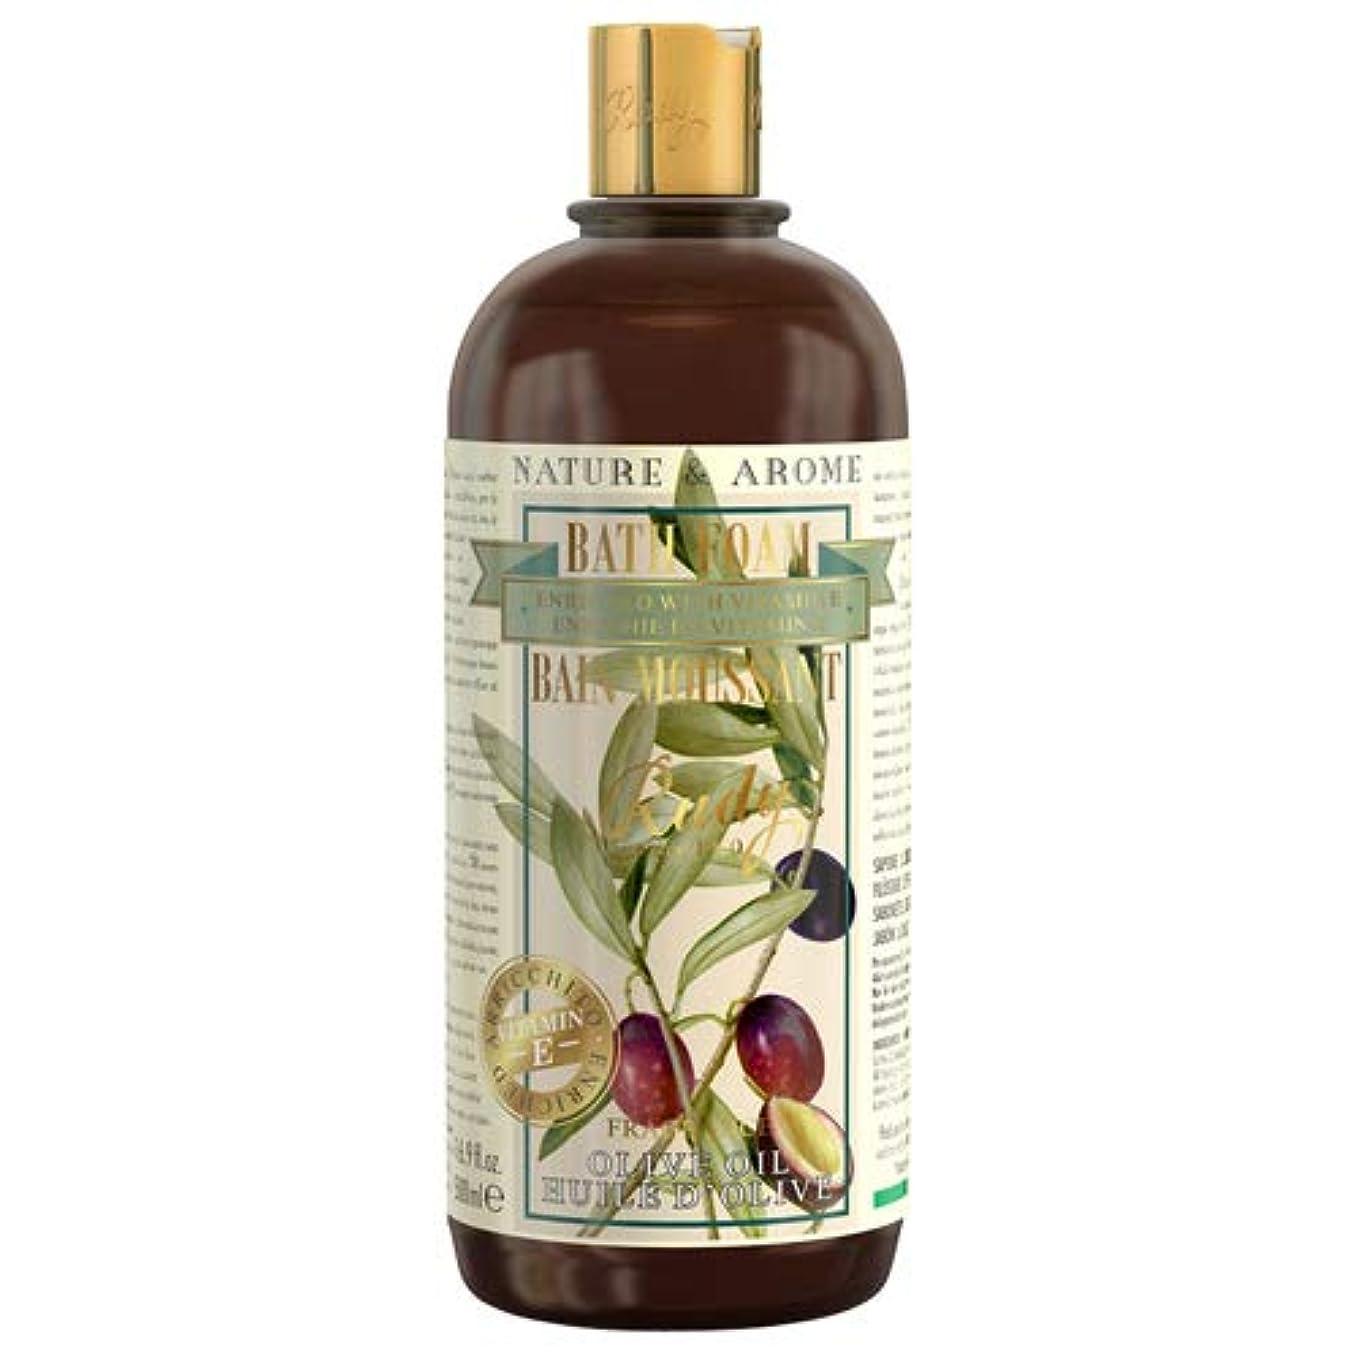 失効リーズ精巧なRUDY Nature&Arome Apothecary ネイチャーアロマ アポセカリー Bath & Shower Gel バス&シャワージェル Olive Oil オリーブオイル